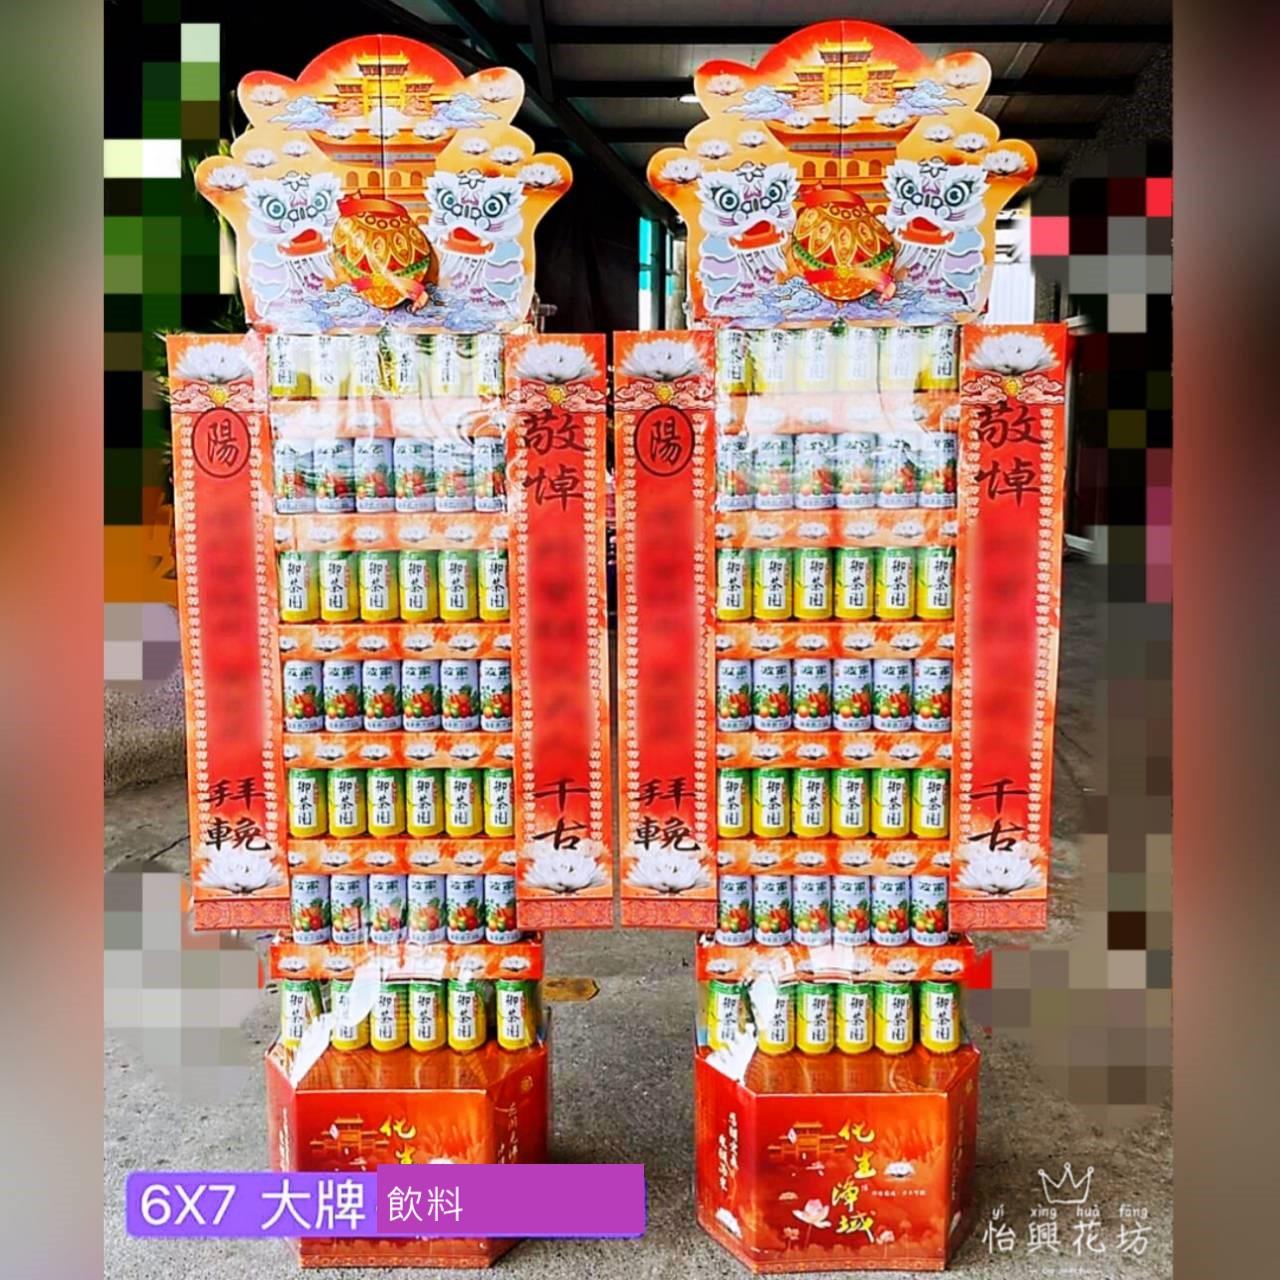 大牌飲料6x7罐頭塔